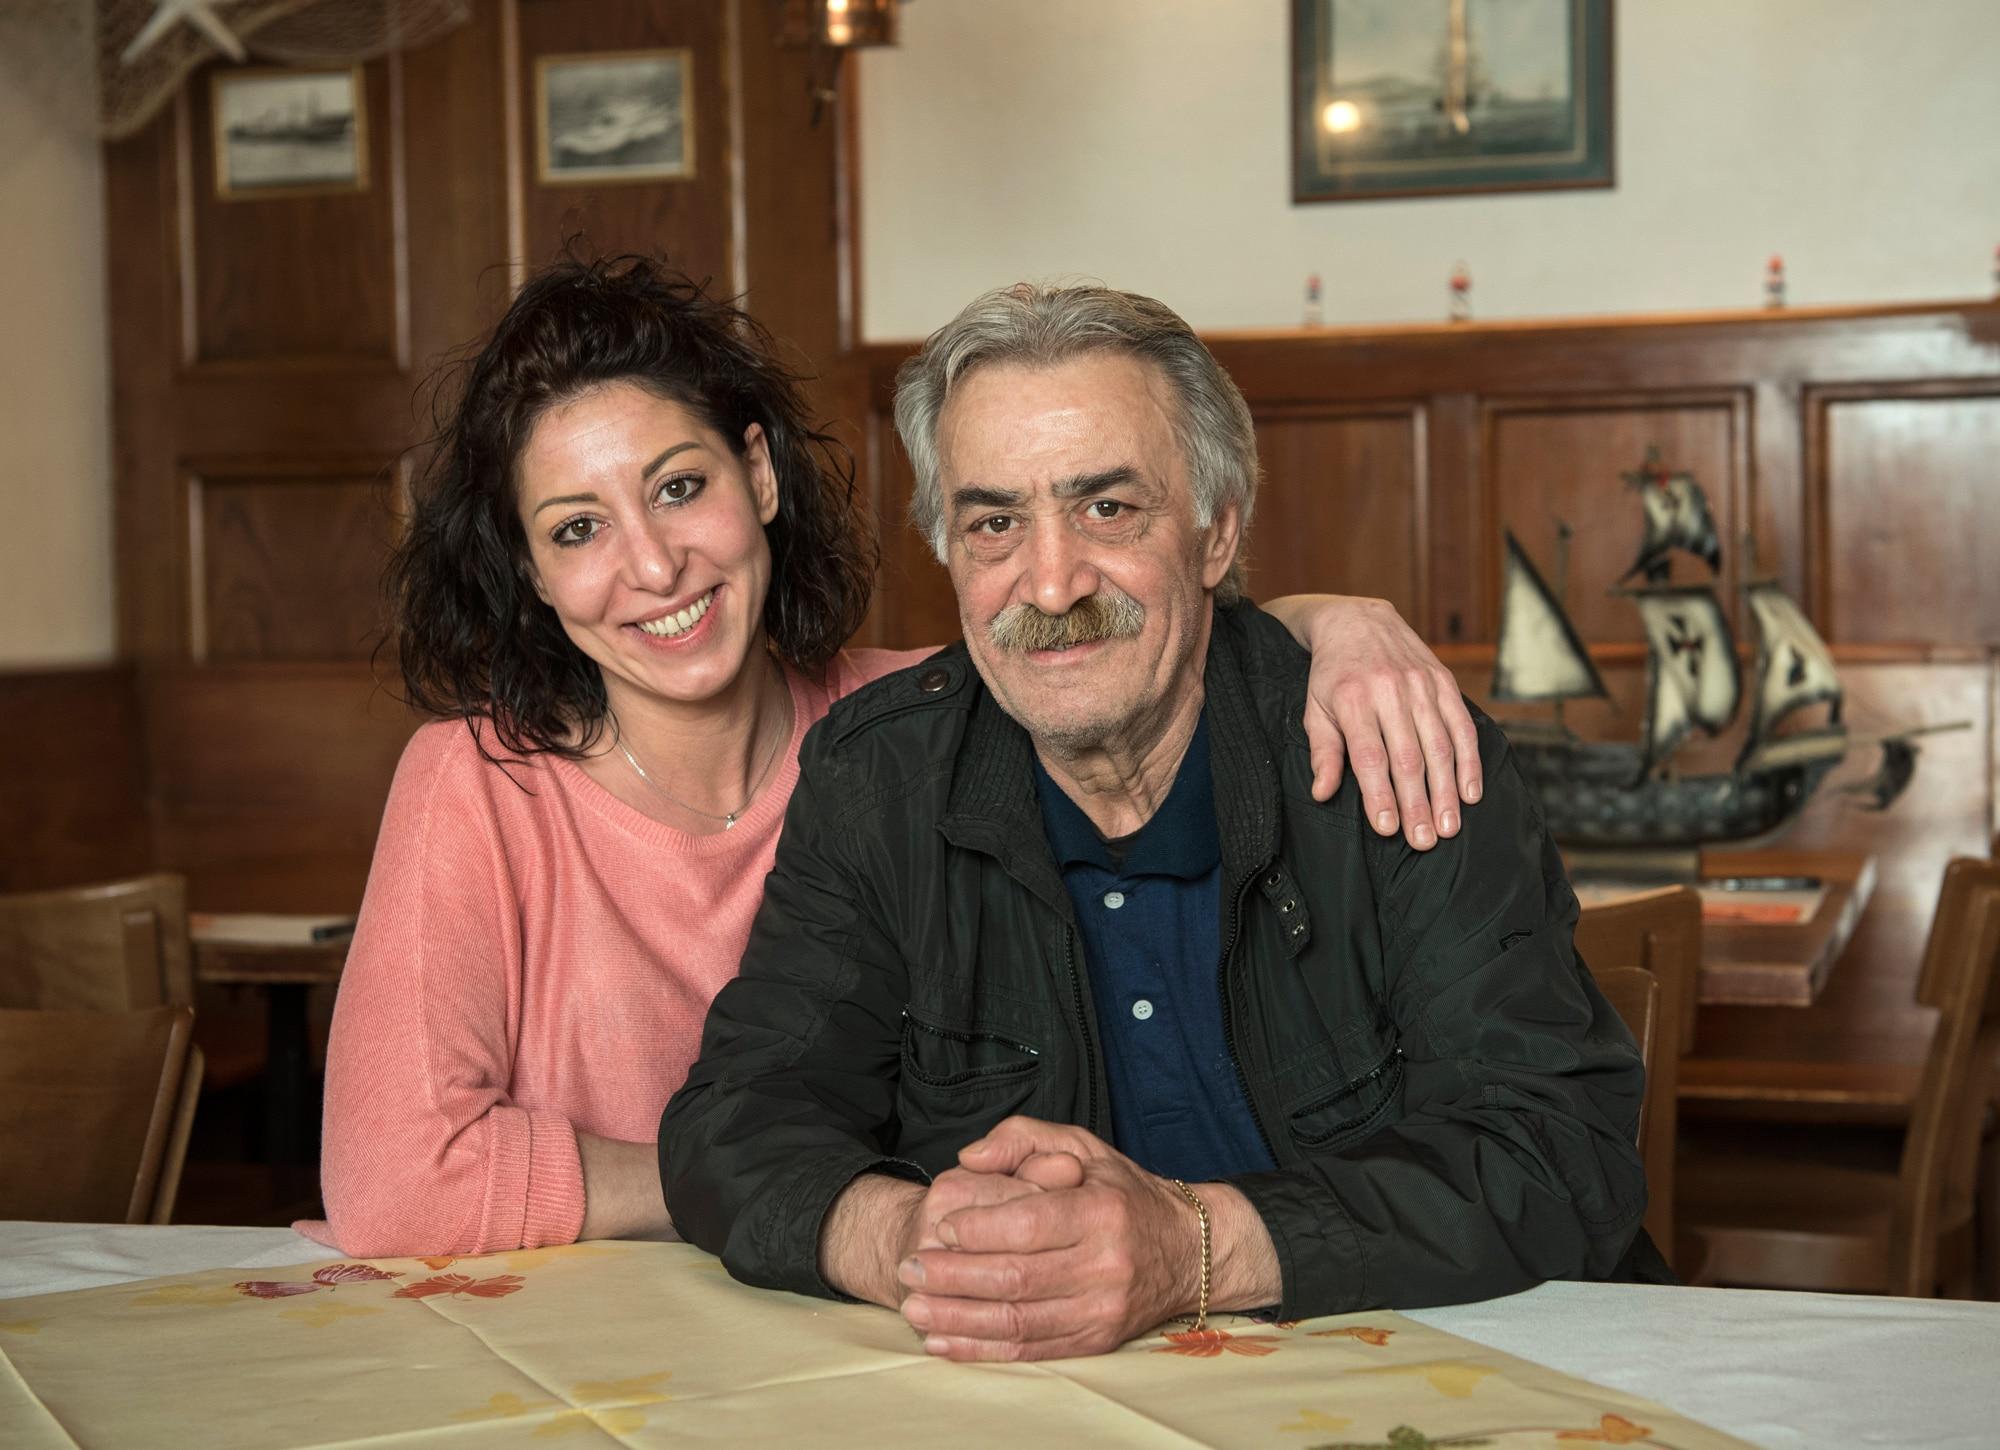 Patrizia Ponziani hat den Pachtbetrieb von ihrem Vater Dino Ponziani übernommen. Angepackt haben sie bis zuletzt beide.